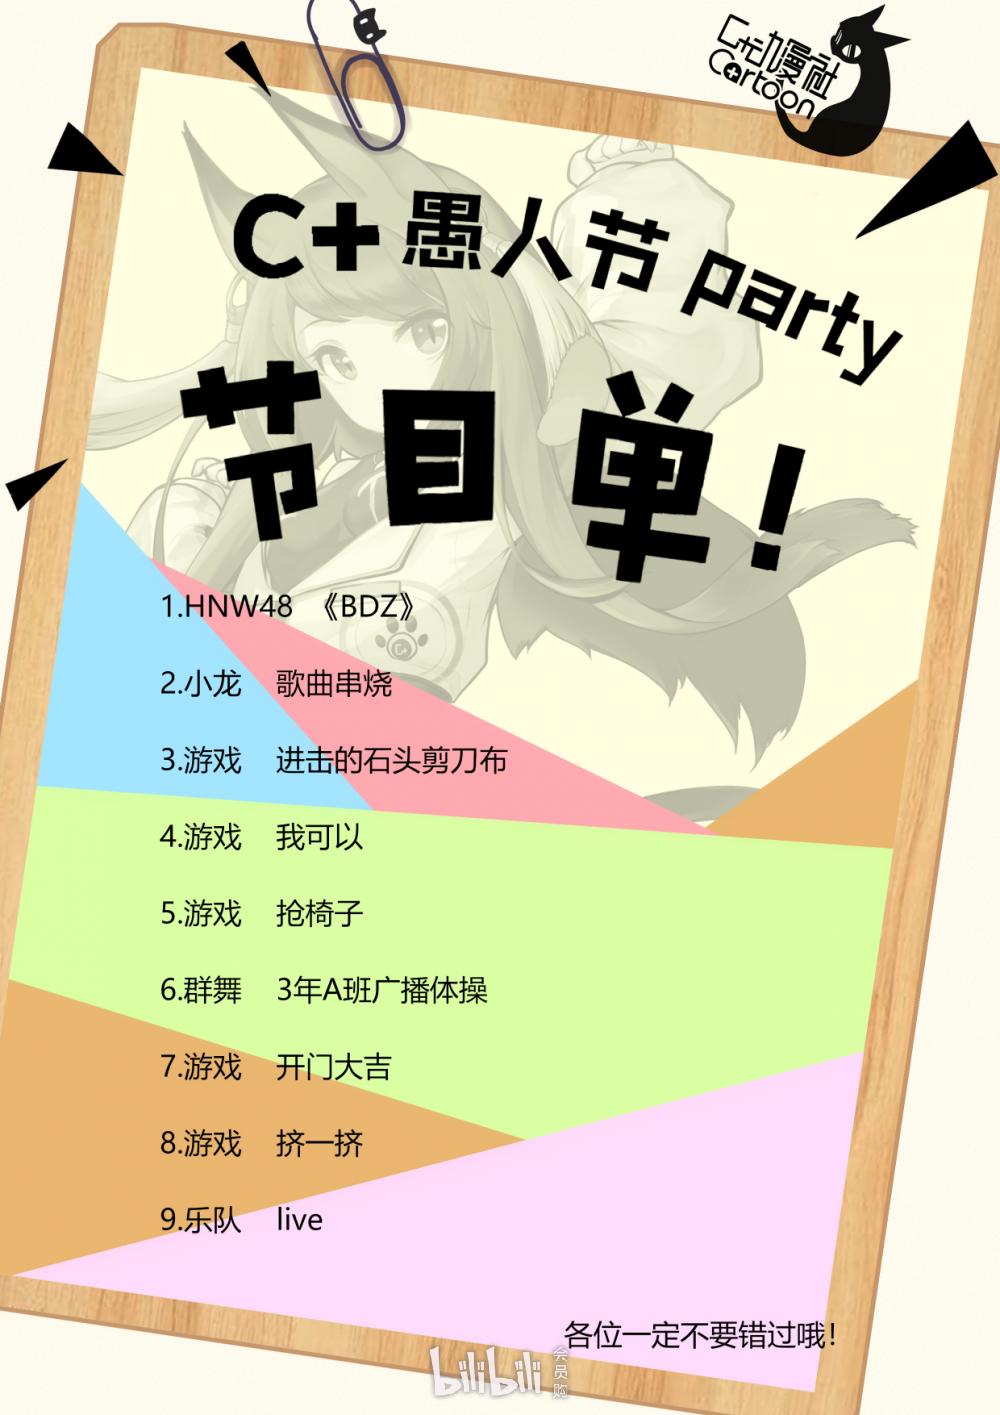 2019年四川音乐学院动漫社愚人节party(时间 地点 门票)